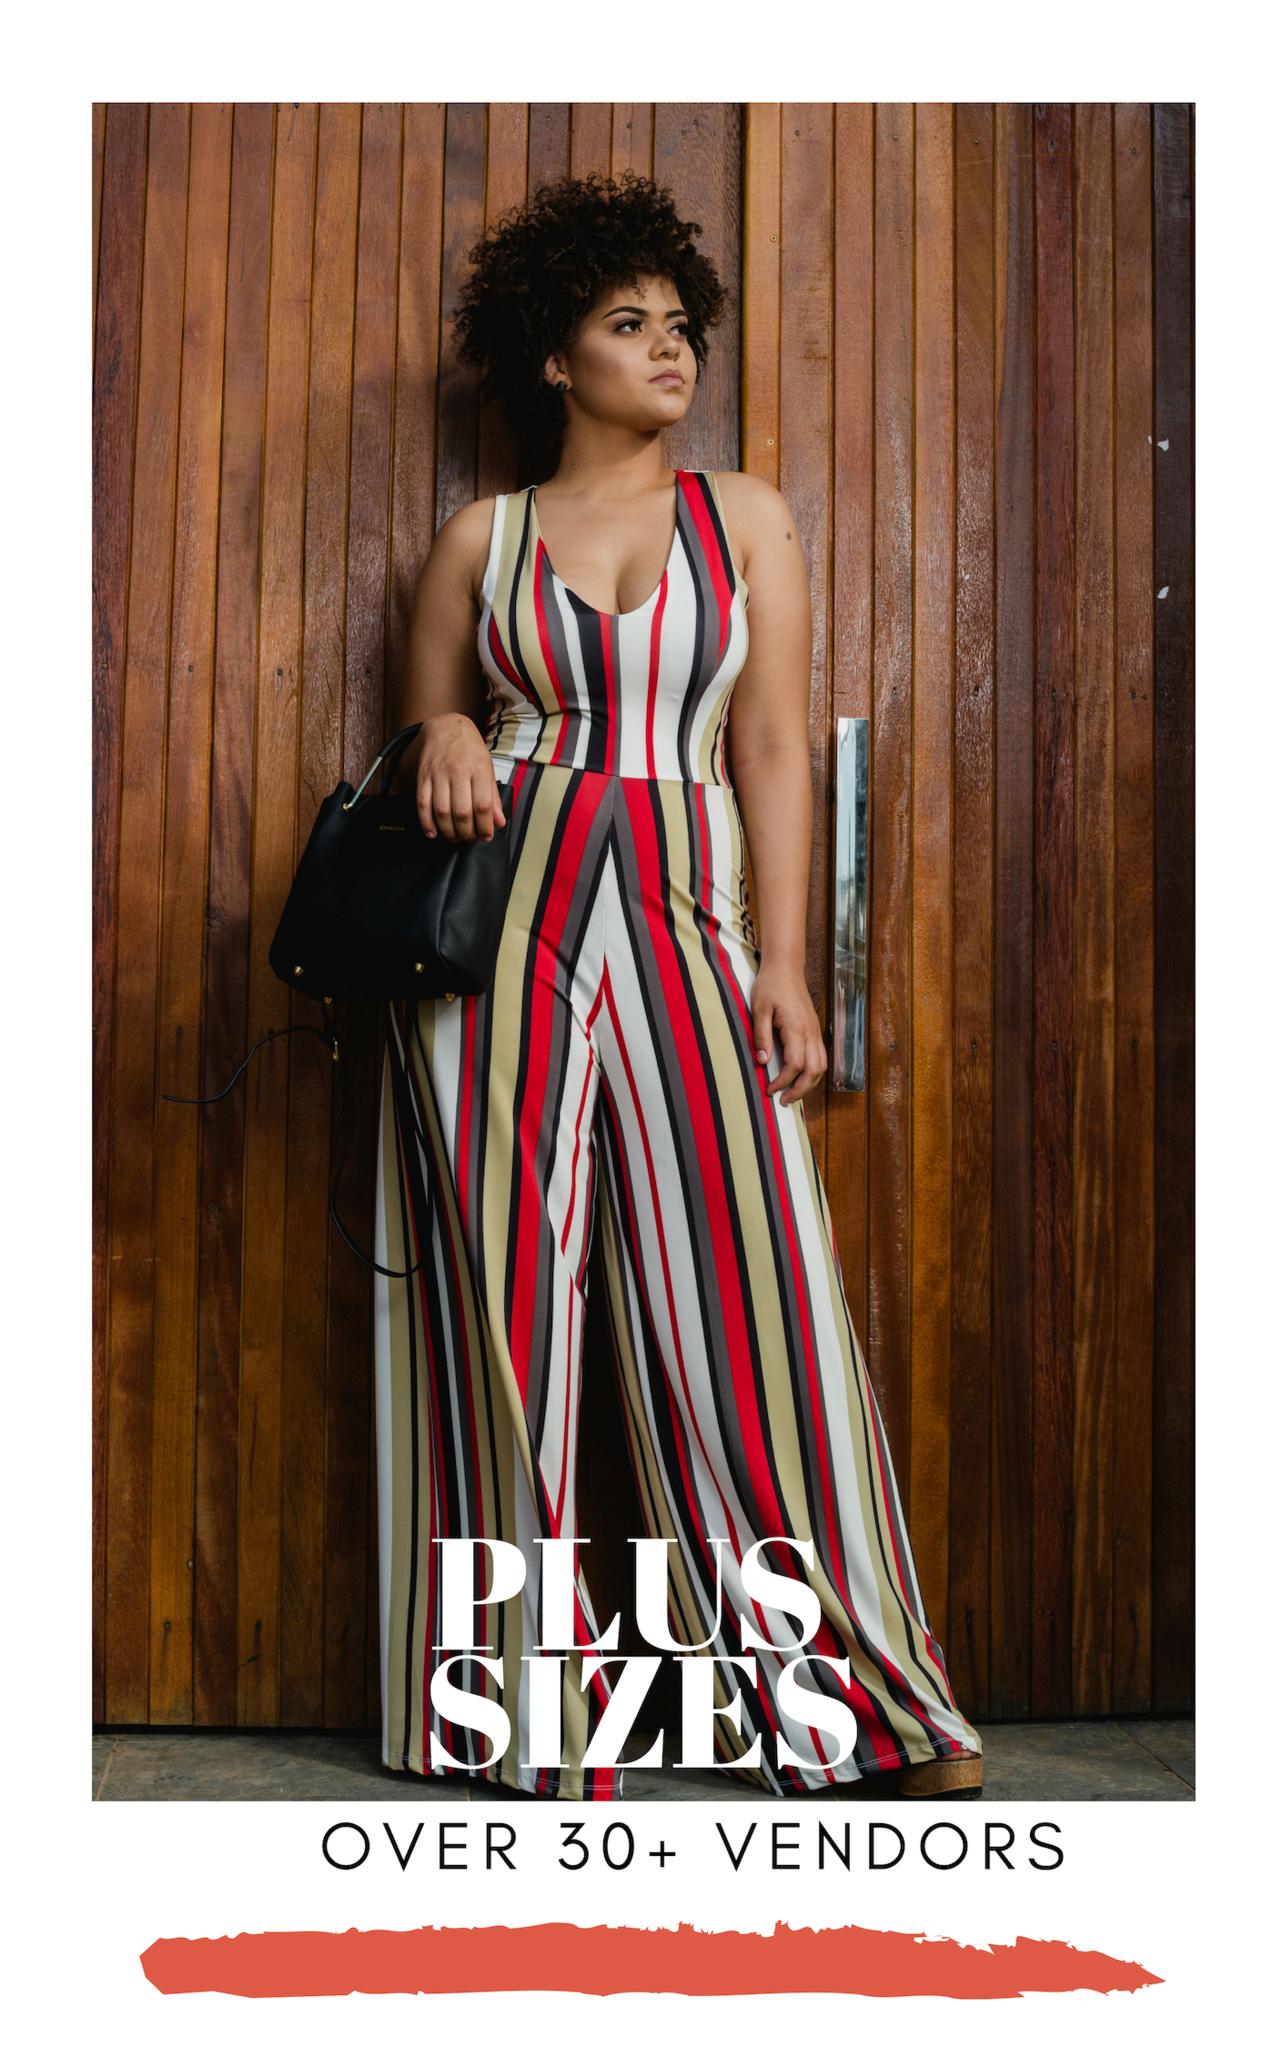 2019 Wholesale Women Apparel Vendor List with Plus Size ...